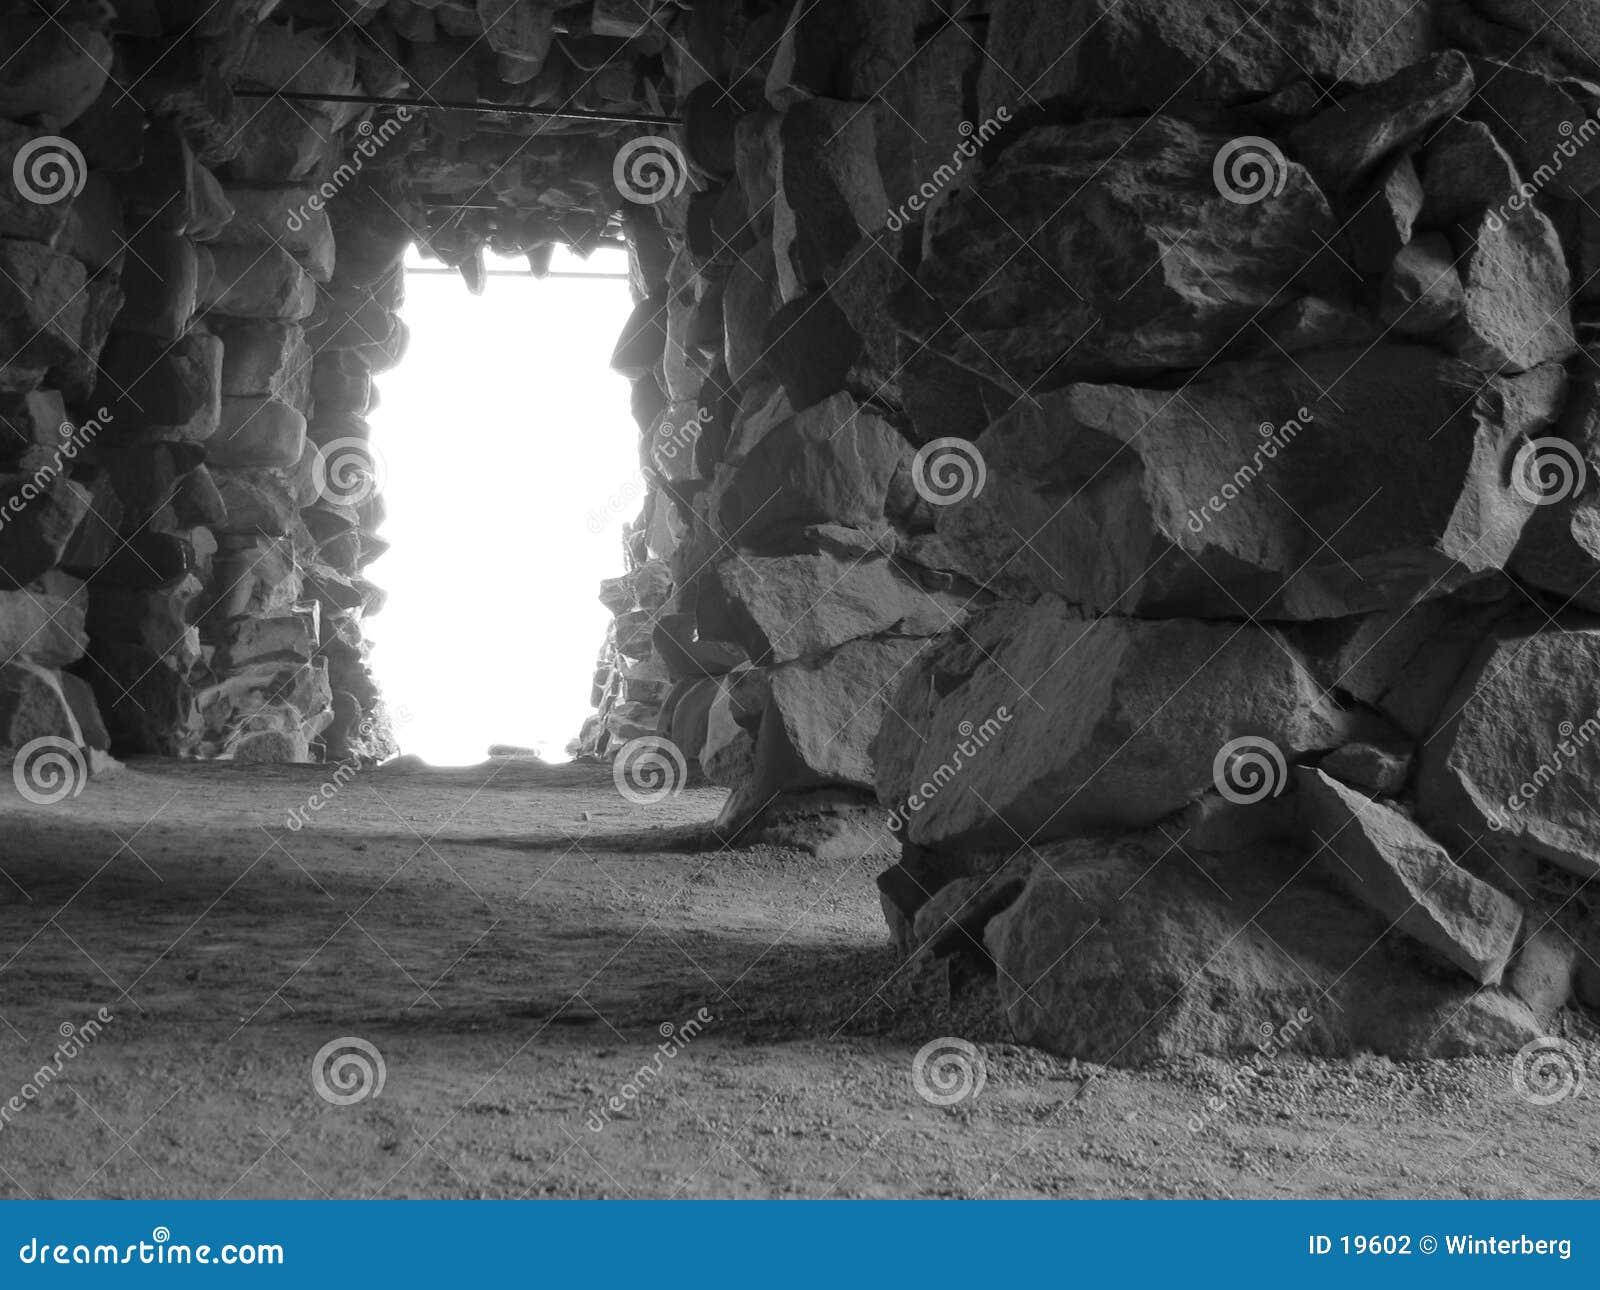 Grotto (Black & White)